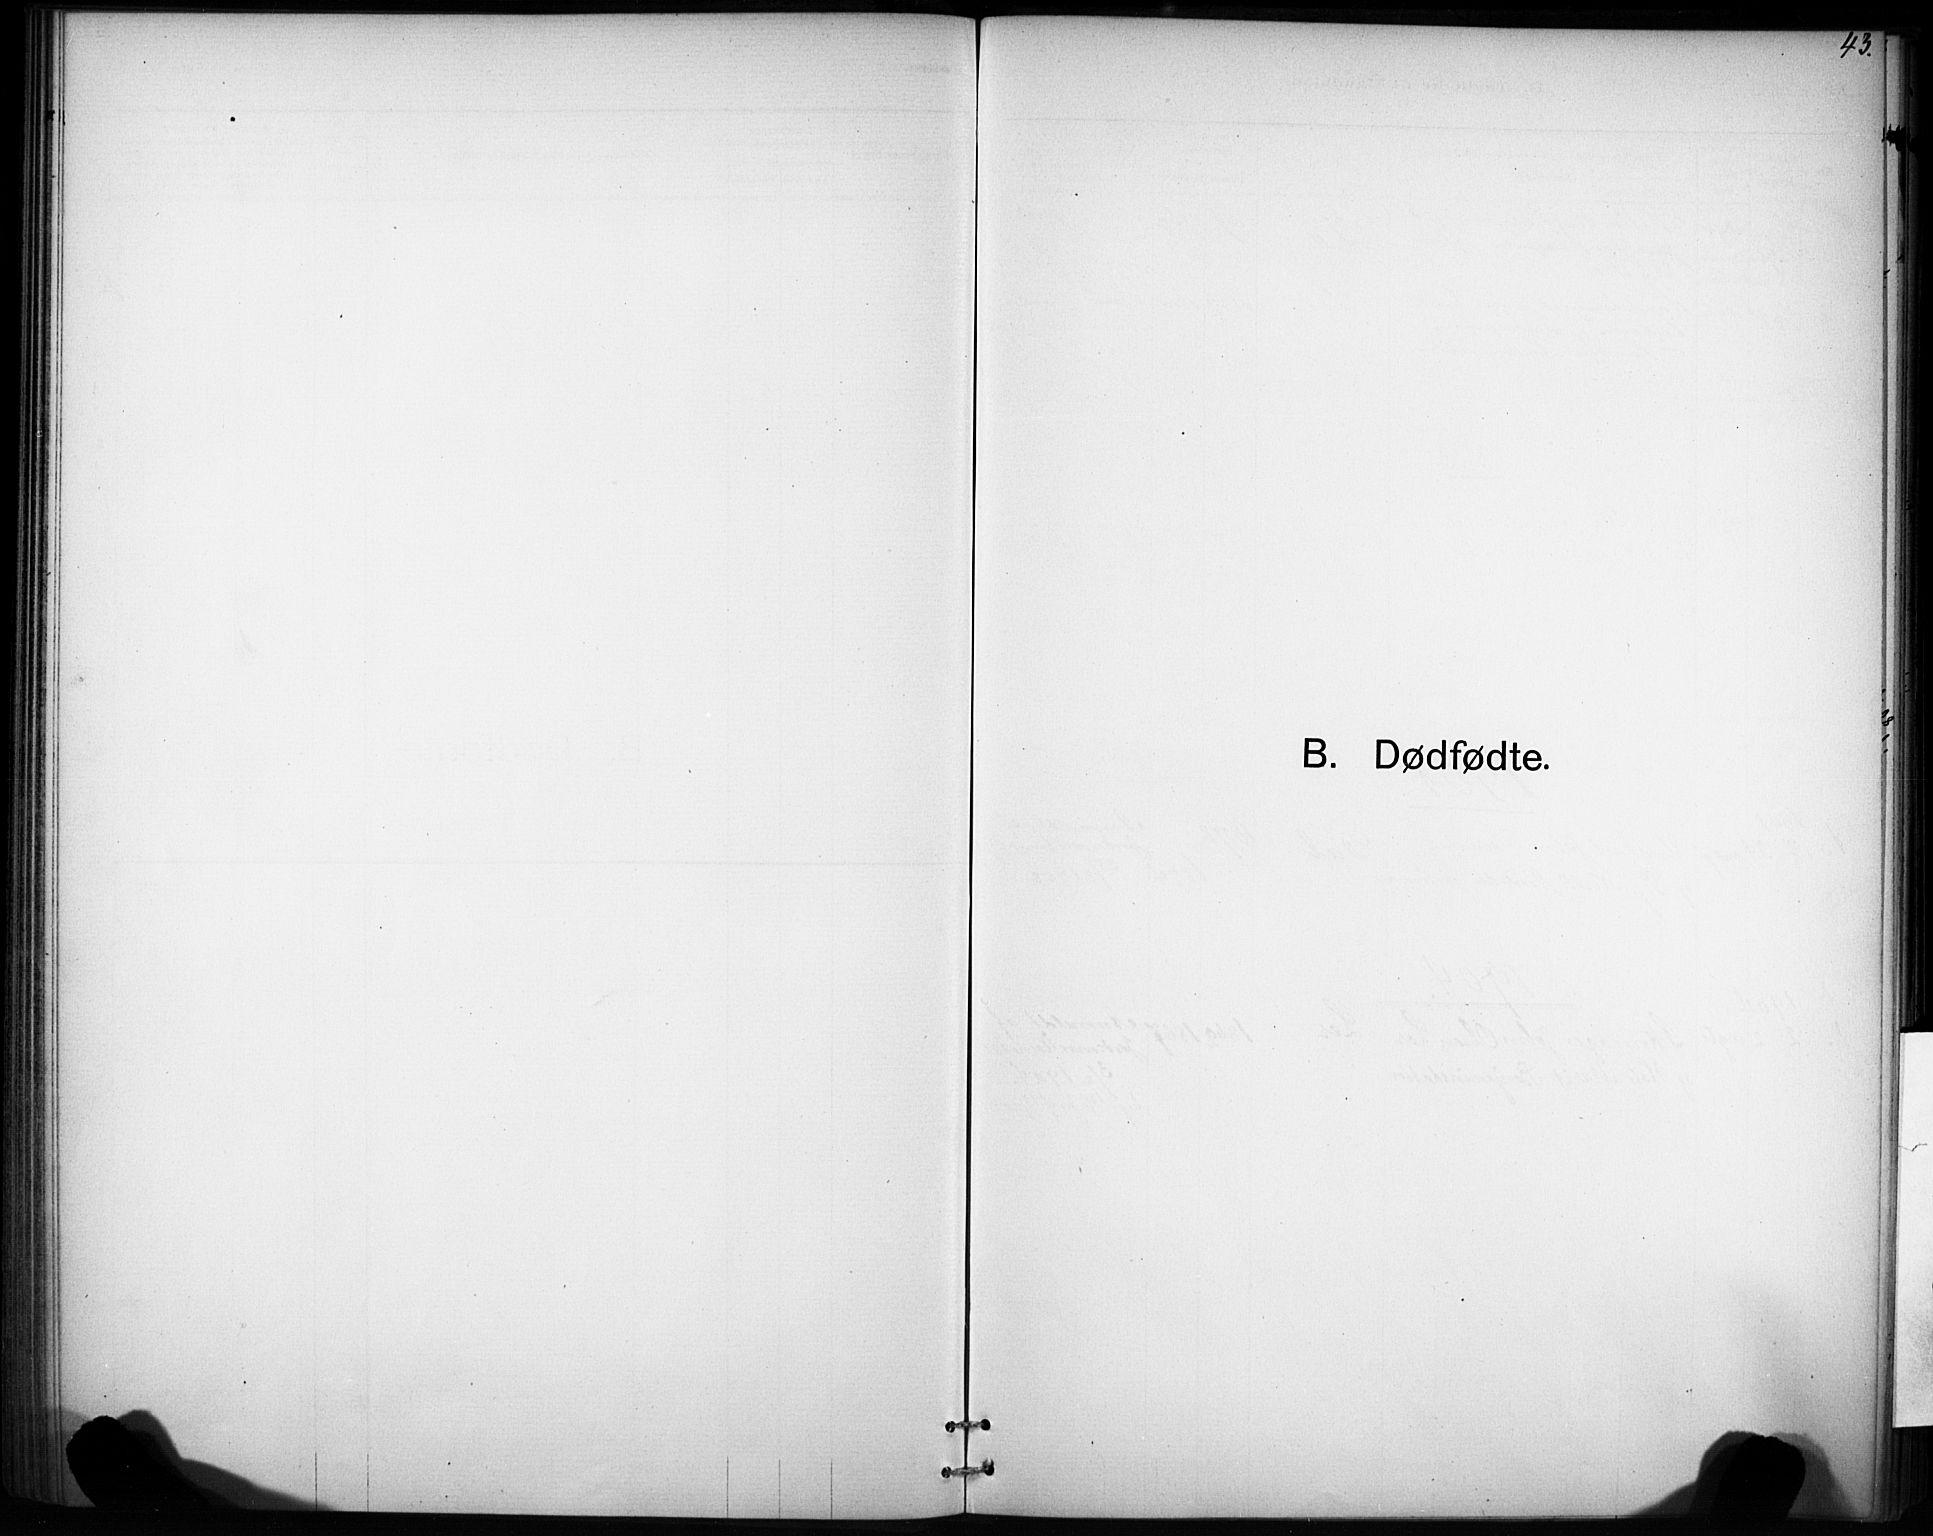 SAT, Ministerialprotokoller, klokkerbøker og fødselsregistre - Sør-Trøndelag, 693/L1119: Ministerialbok nr. 693A01, 1887-1905, s. 43